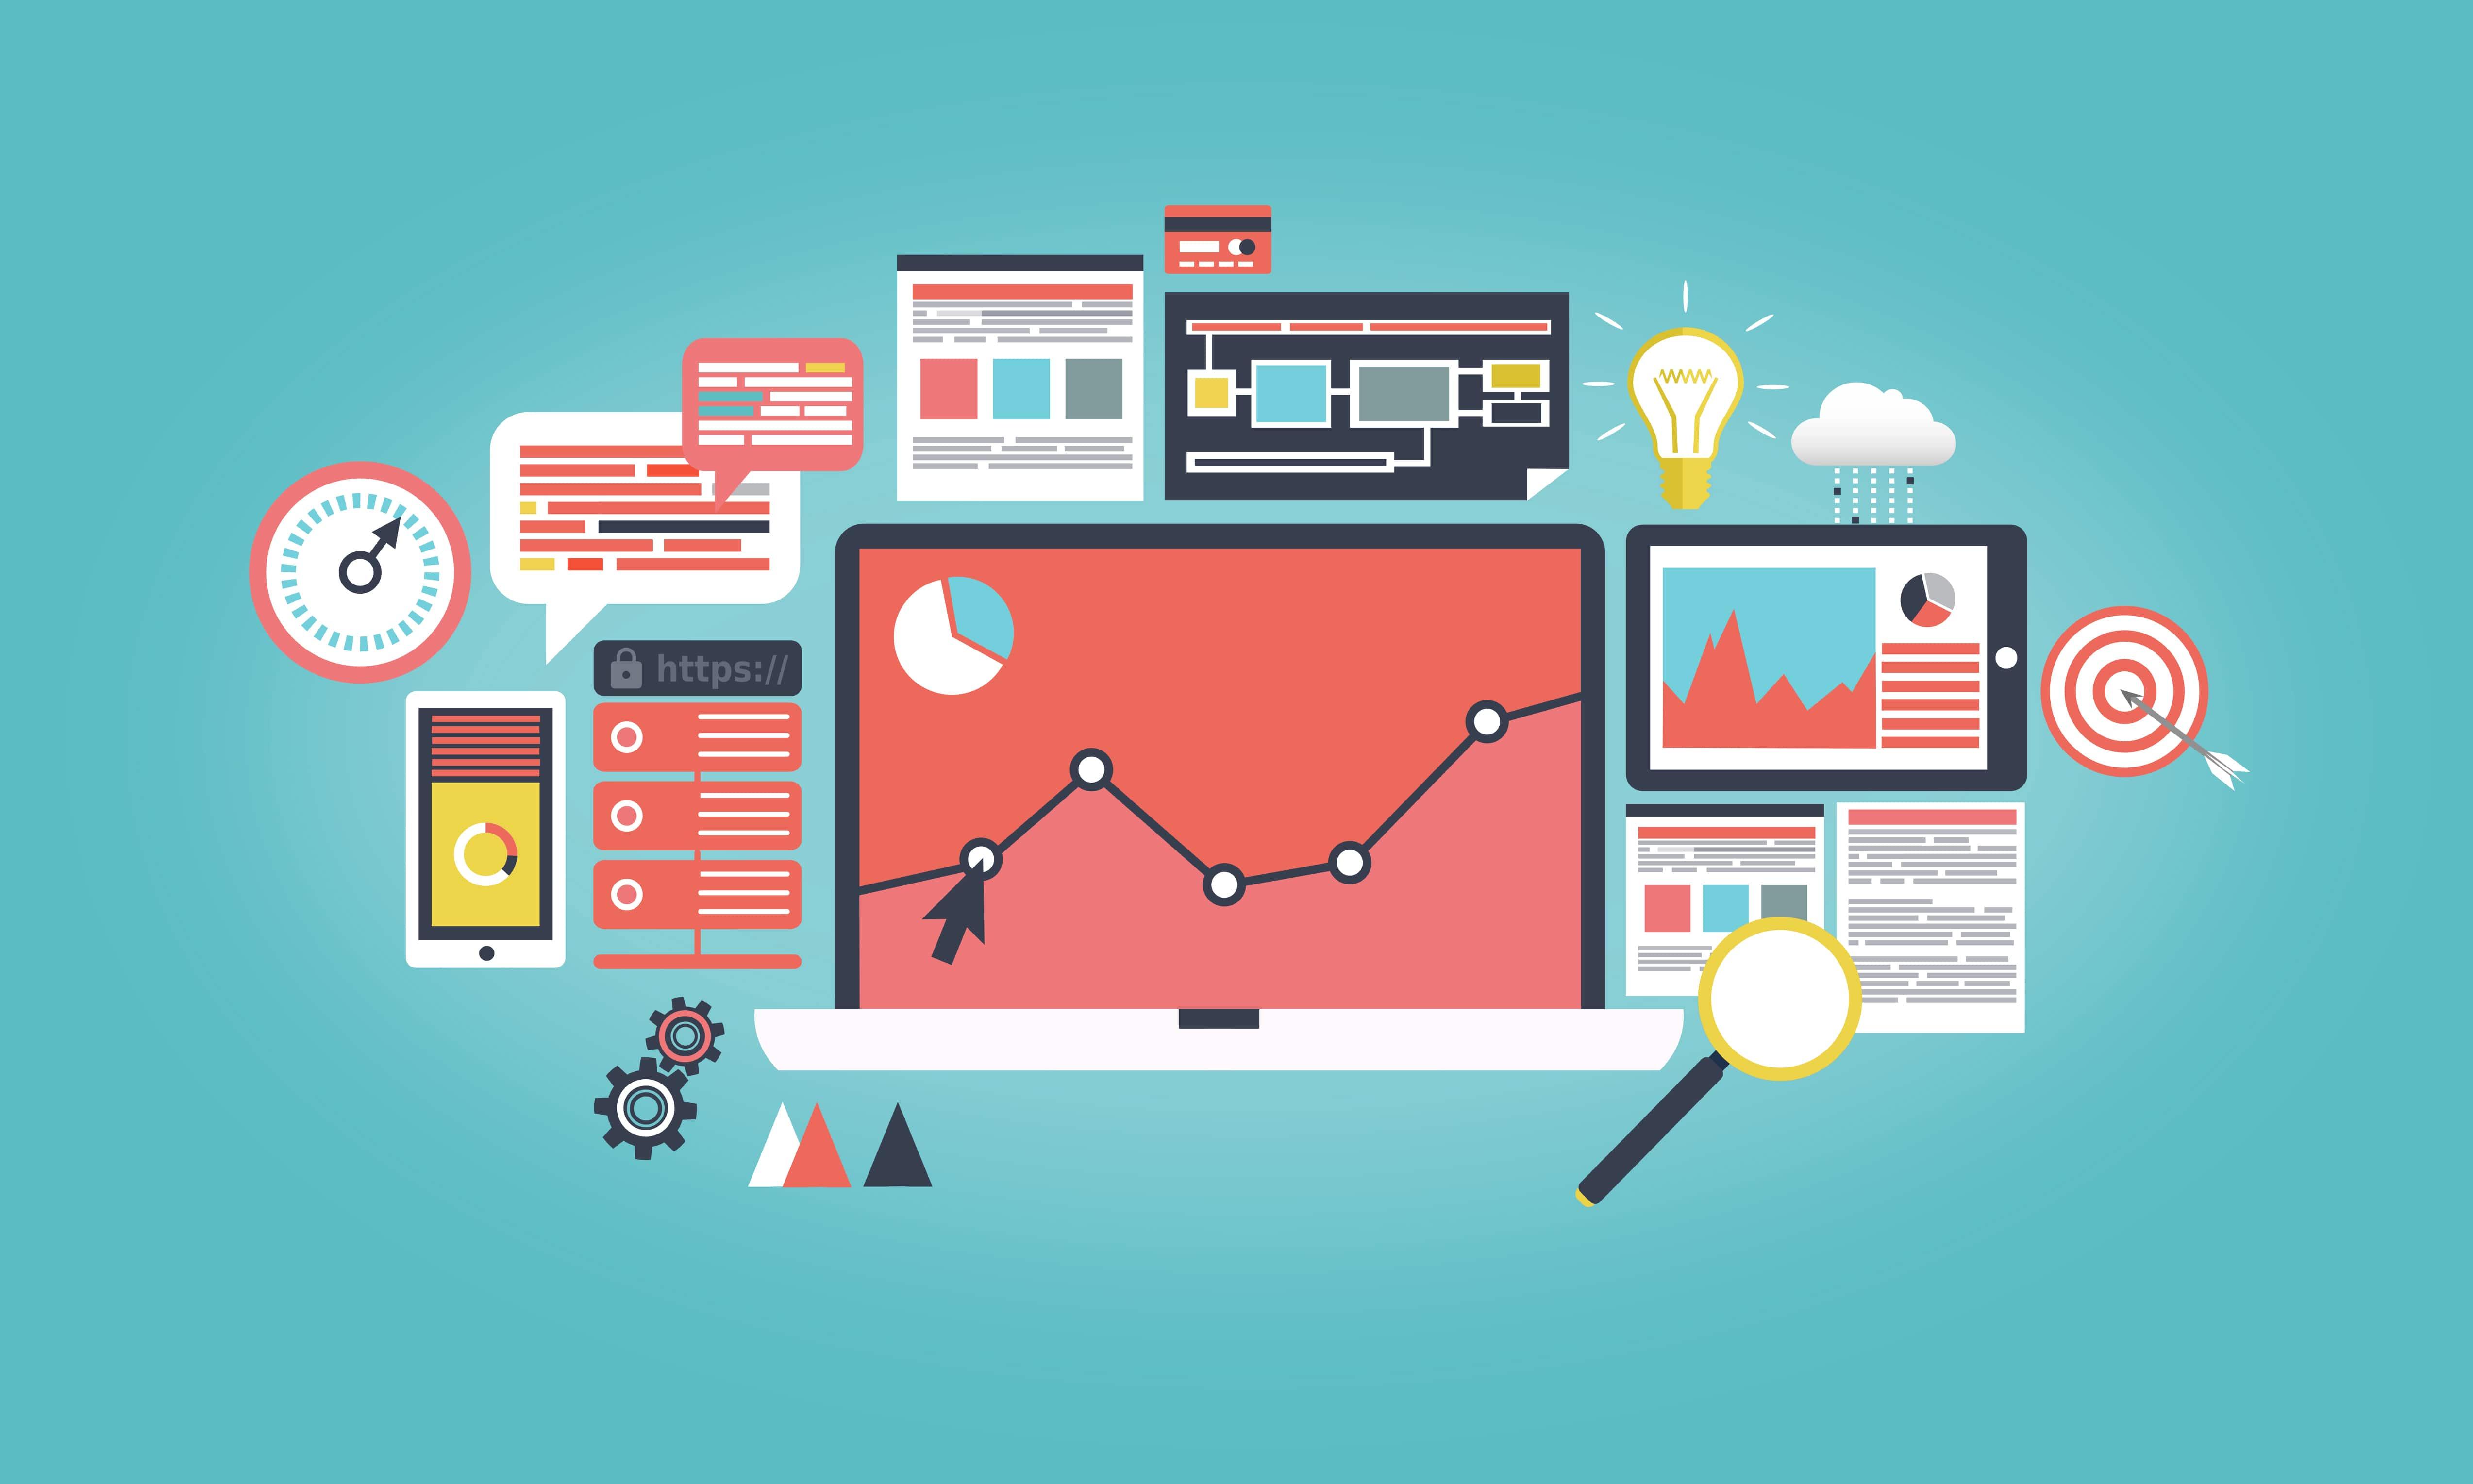 Attribution des conversions : comment s'y retrouver sans formation webmarketing ?